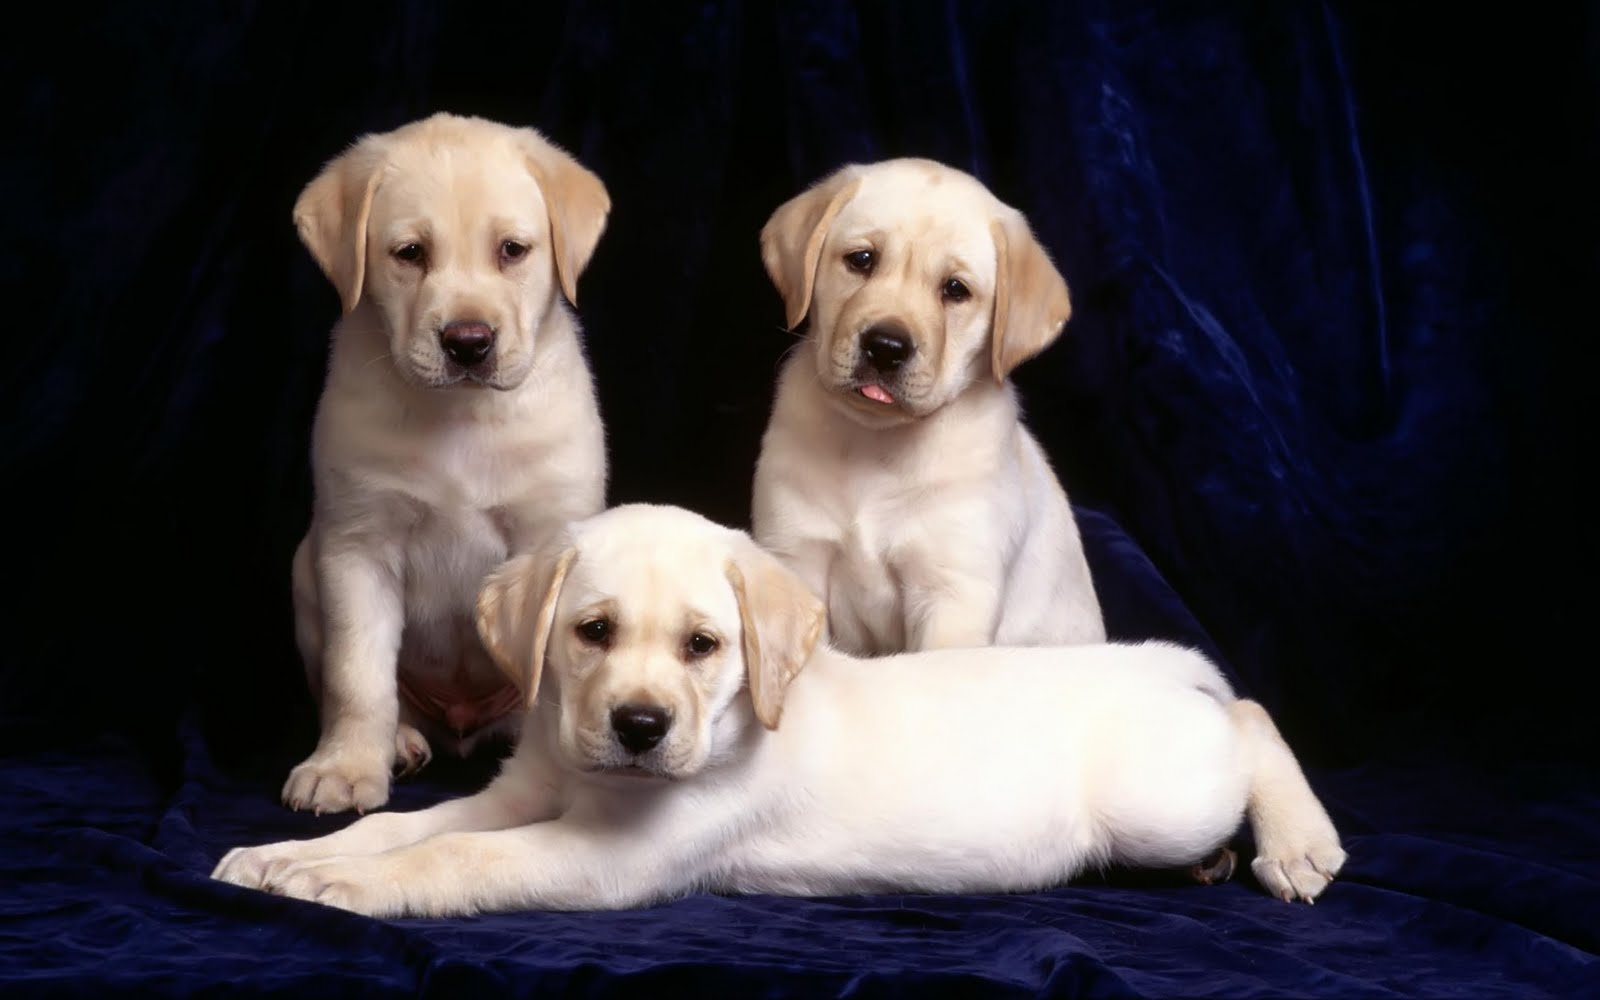 Dogs pictures cute dog pictures dogs pictures cute cute dog